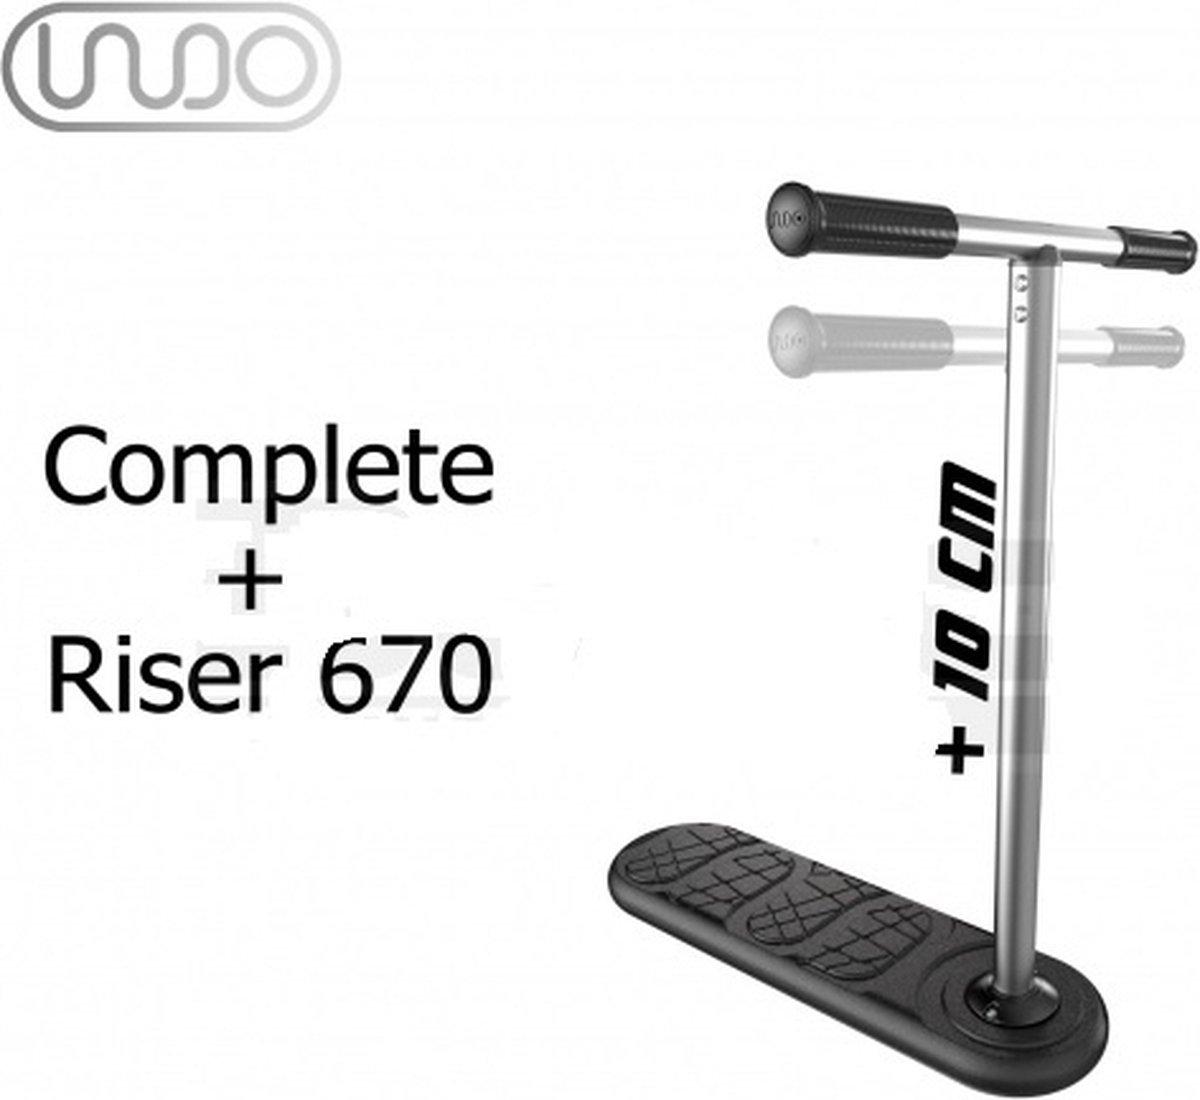 Indo X70 - trampoline step - 570mm + Riser 670mm Trampoline Stuntstep